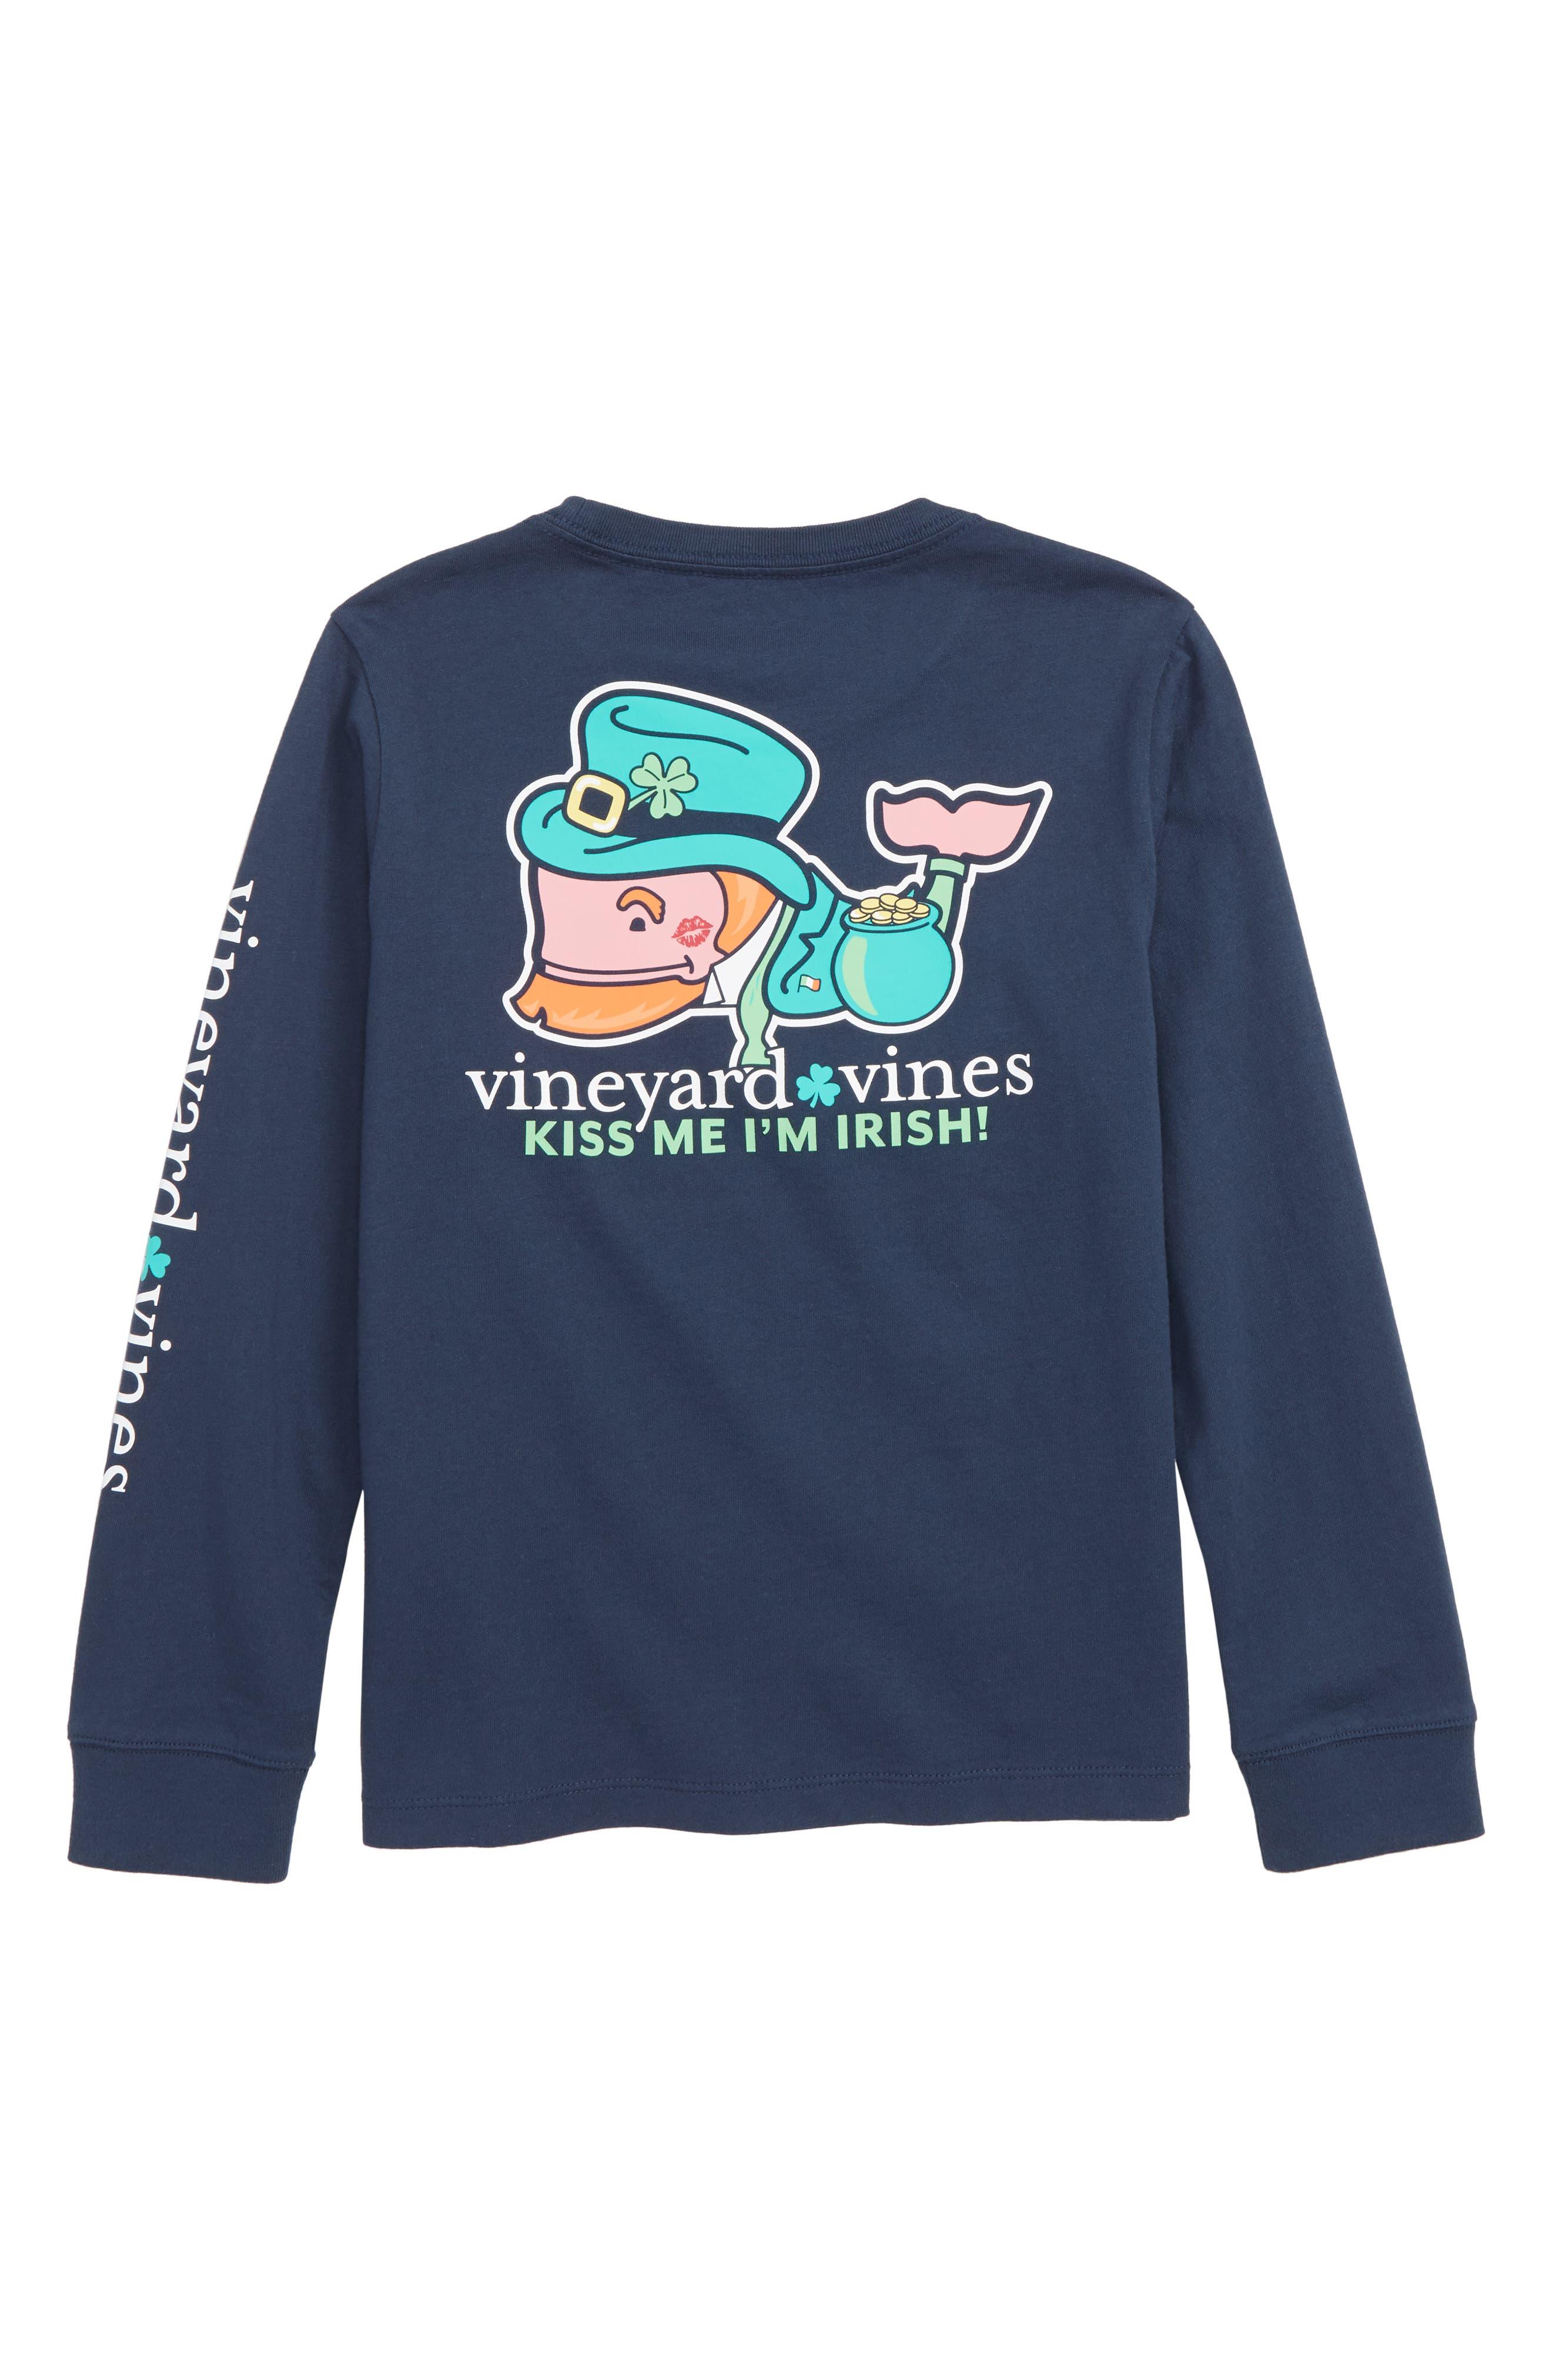 VINEYARD VINES,                             Kiss Me I'm Irish Pocket T-Shirt,                             Alternate thumbnail 2, color,                             BLUE BLAZER